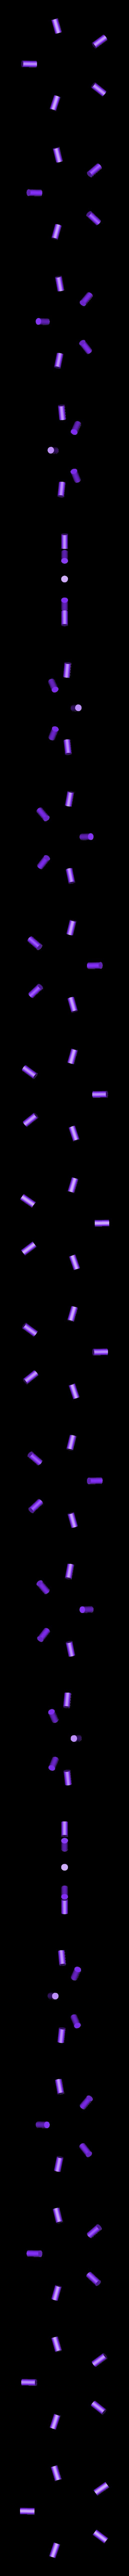 lazy_sue_rollers.stl Télécharger fichier STL gratuit simple lazy susan • Design pour impression 3D, veganagev